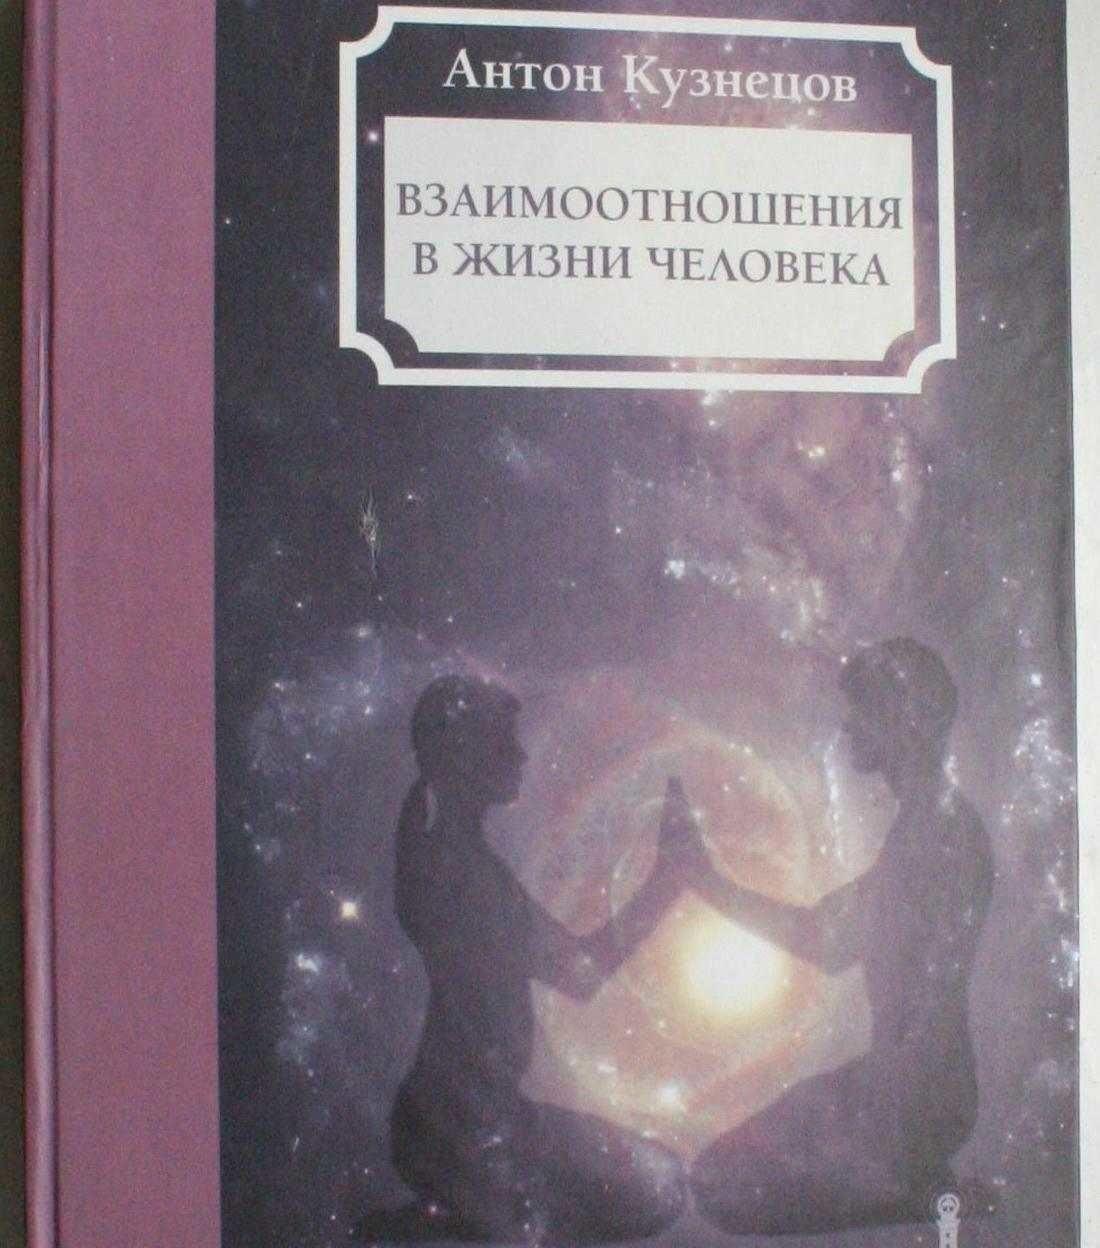 * Книга Антон Кузнецов — Взаимоотношения и жизнь человека в2 *